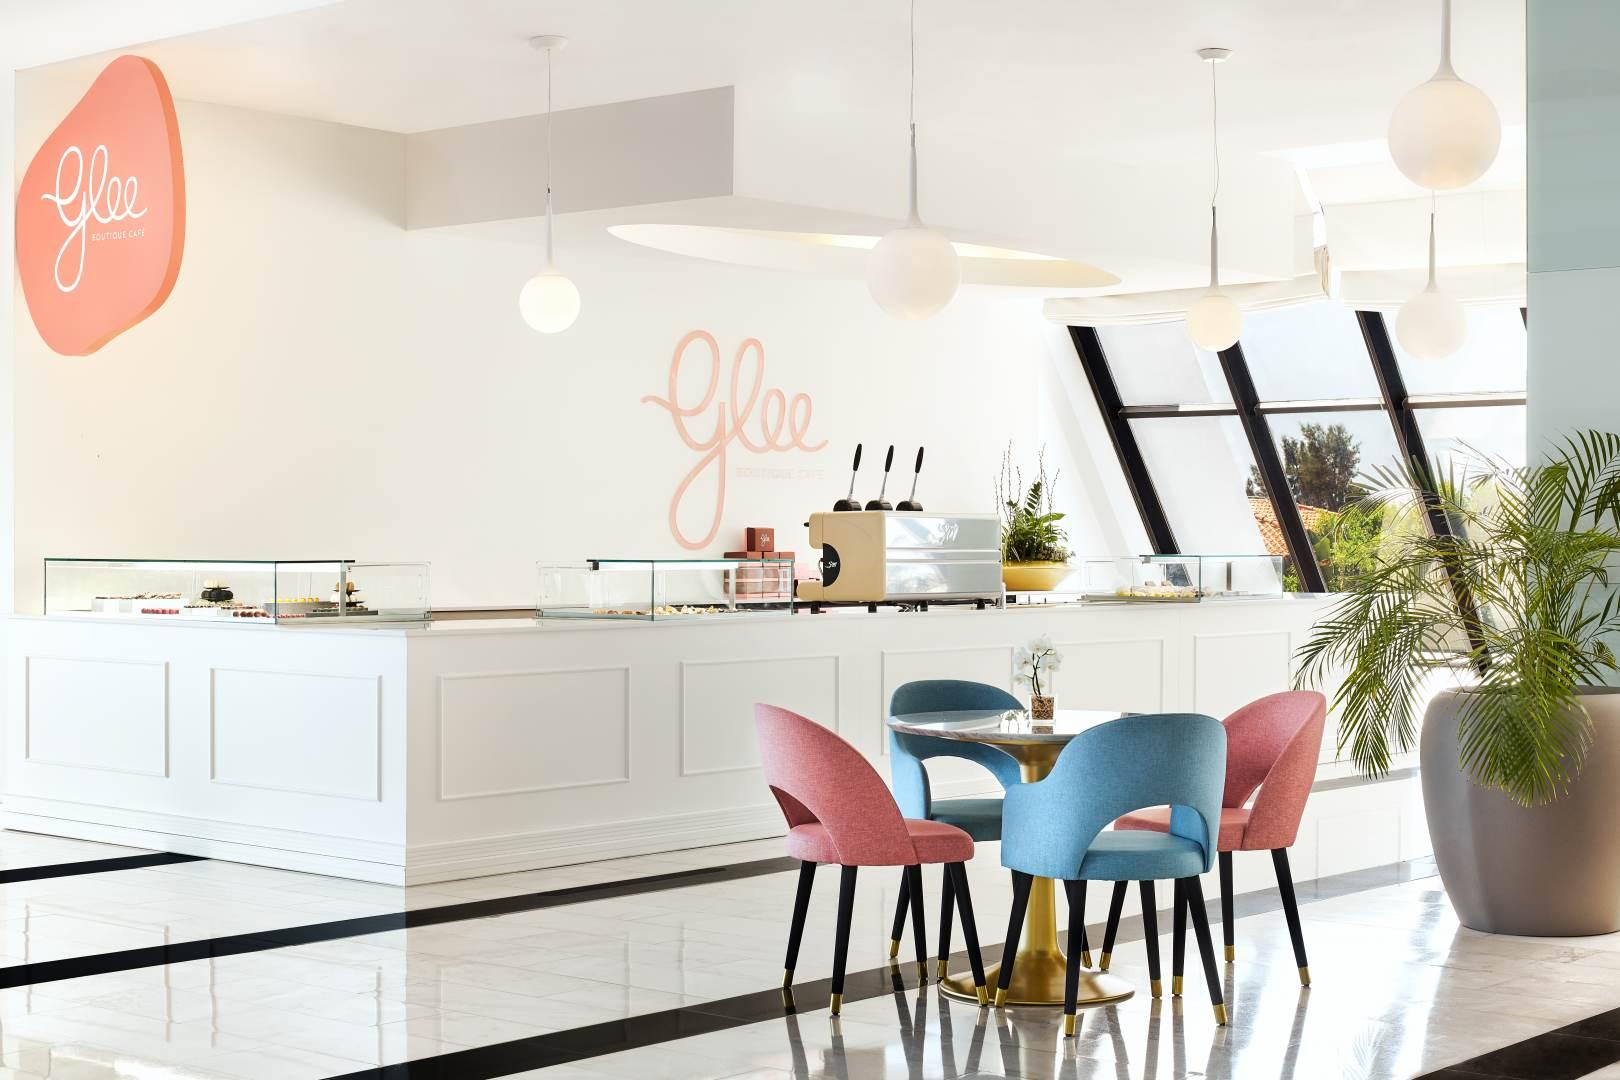 TIVOLI_MARINA_VILAMOURA_GLEE_BOUTIQUE_CAFE_7_2